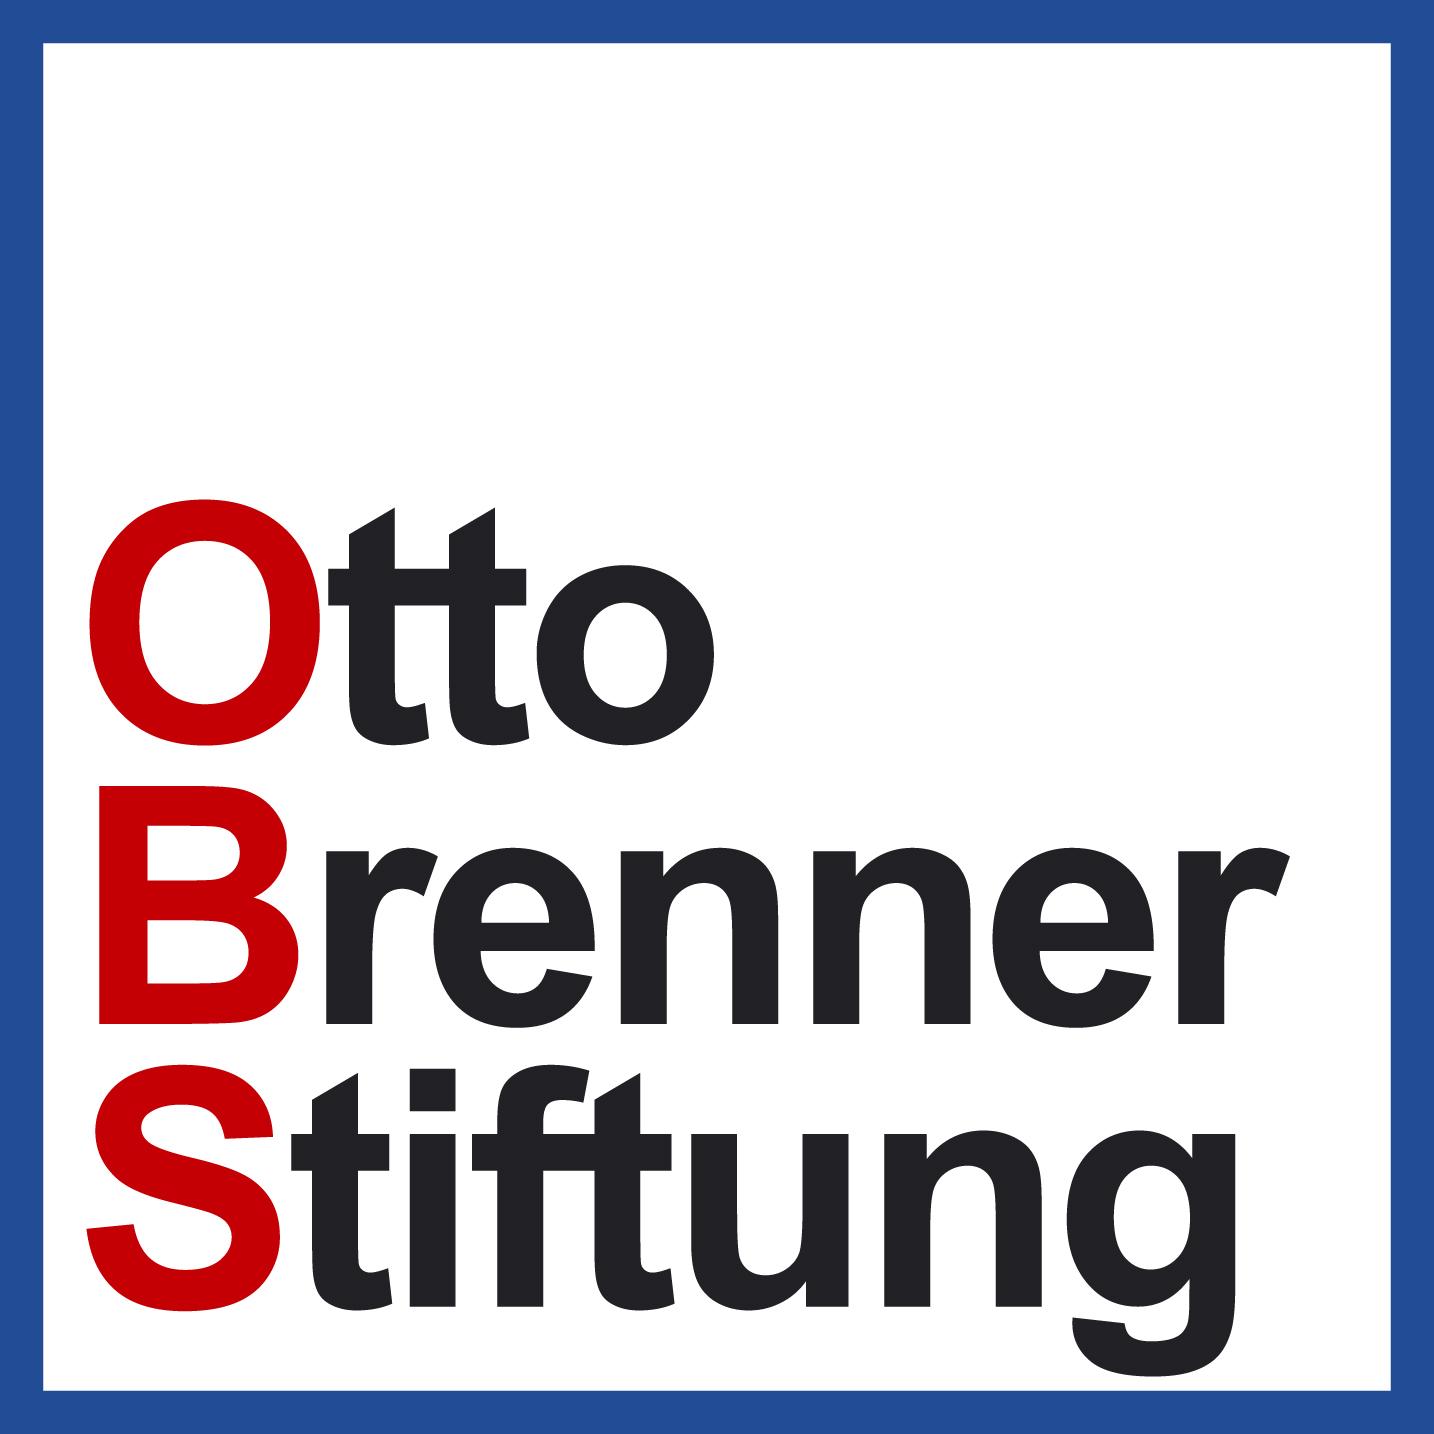 Deutsche-Politik-News.de | Otto Brenner Stiftung